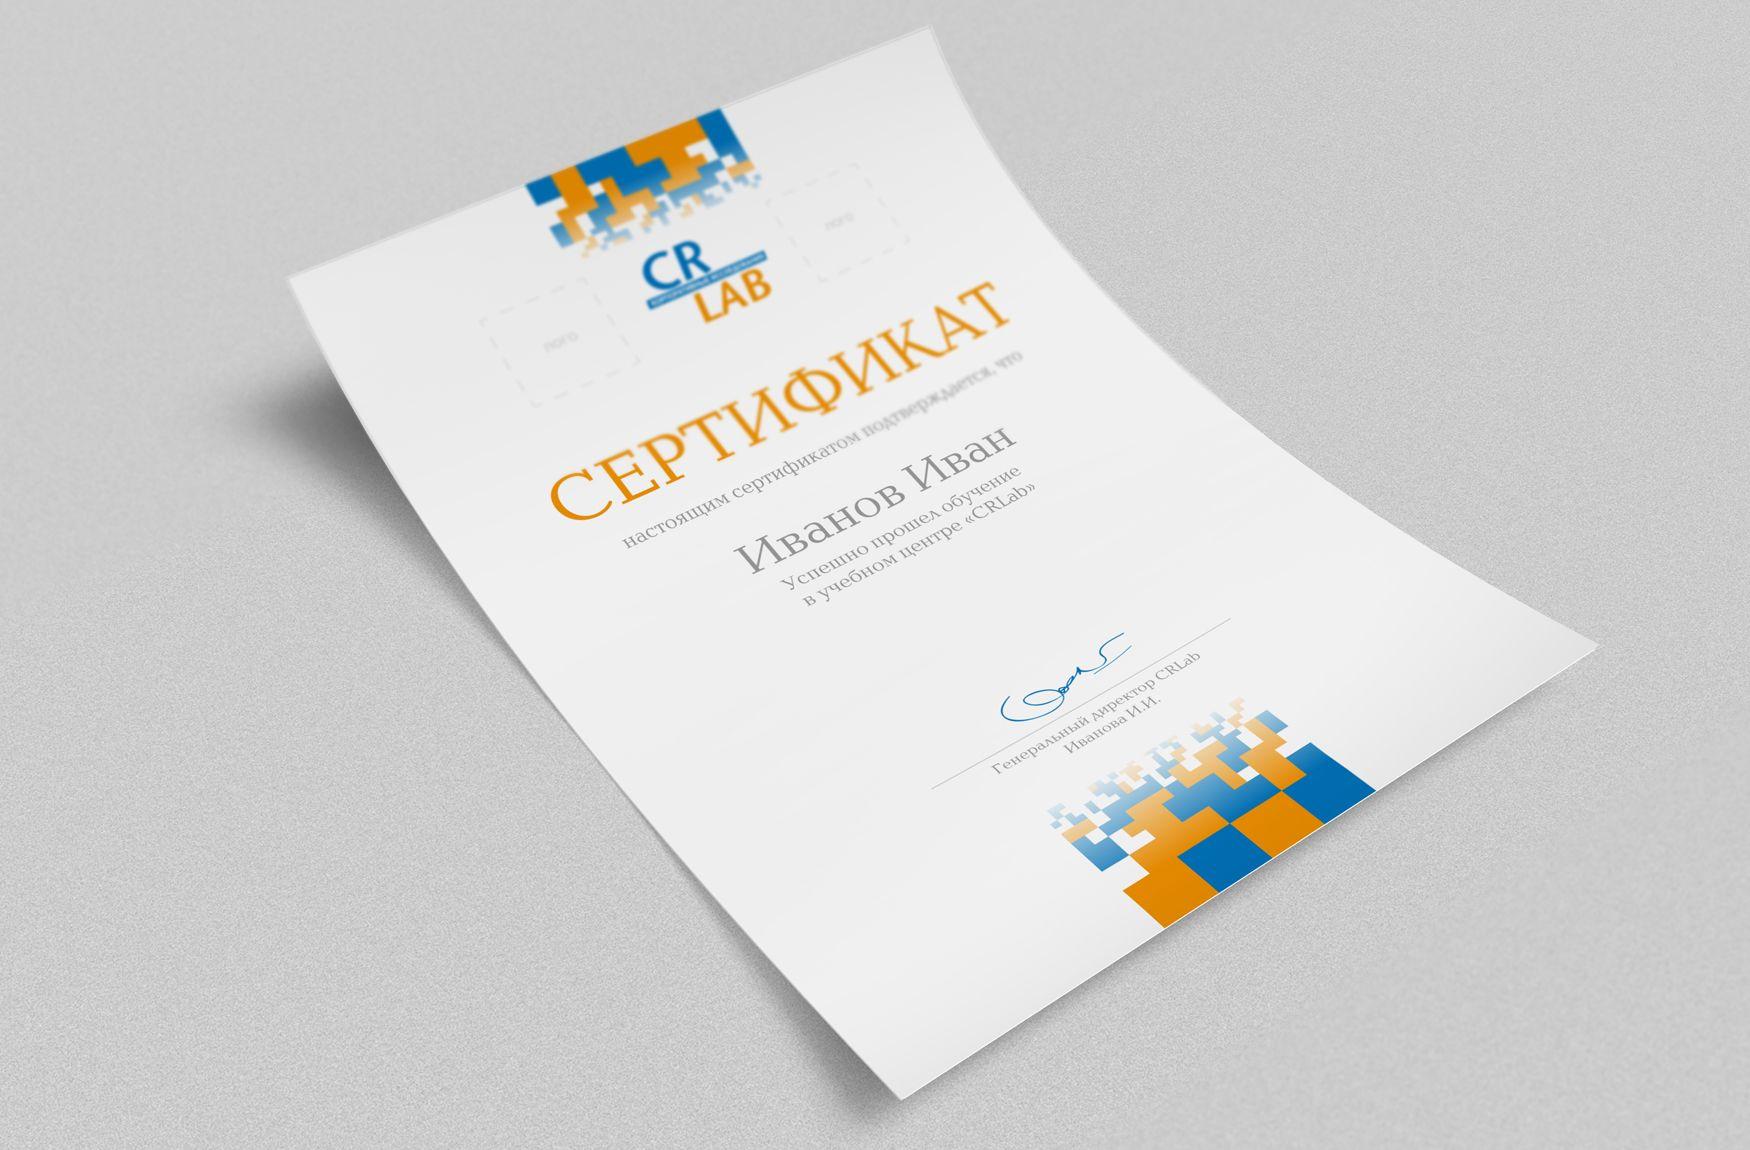 Дизайн сертификата\диплома\грамоты - дизайнер sexposs